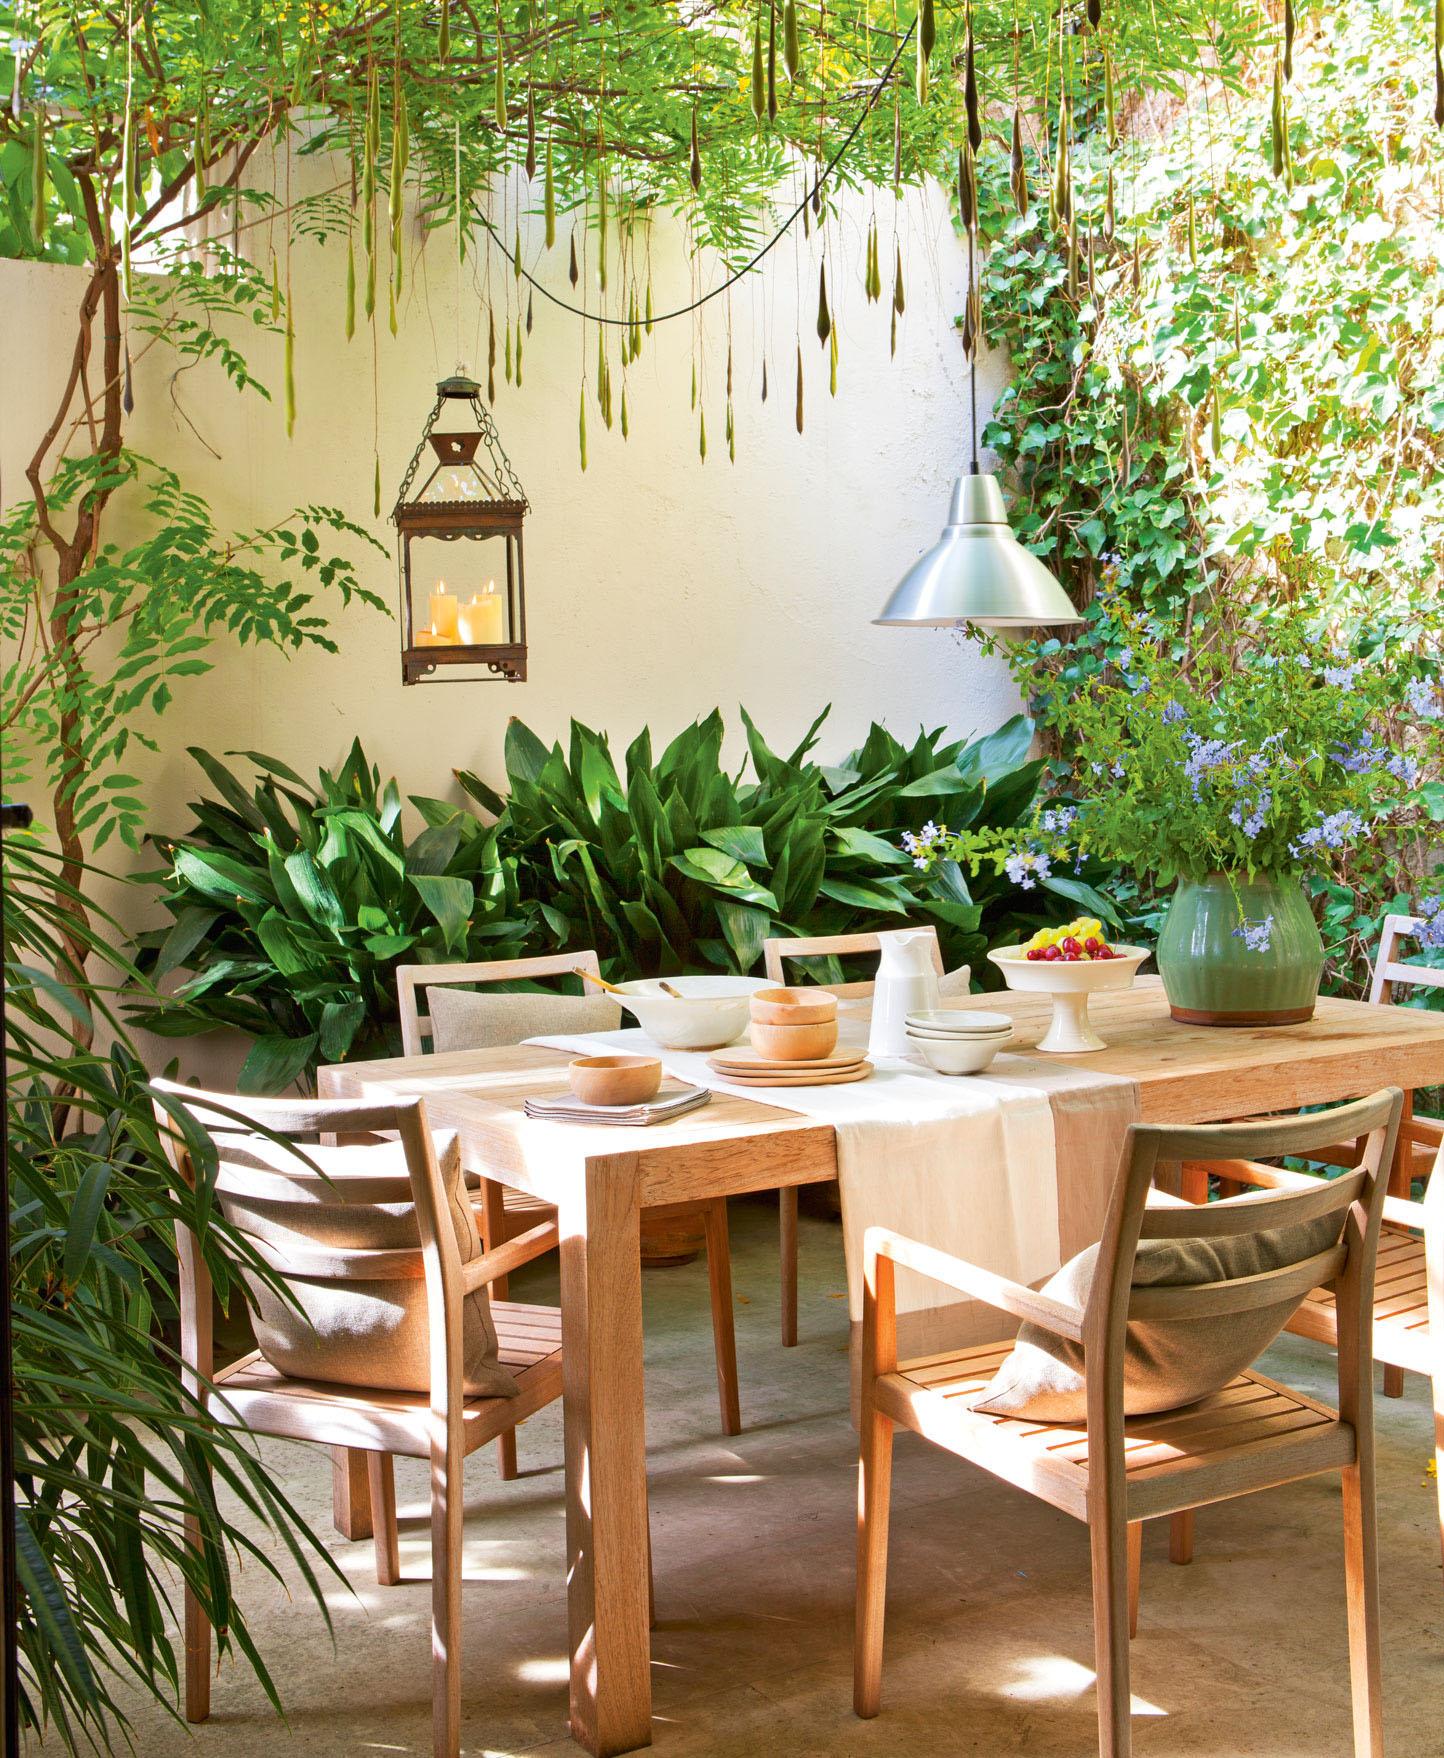 La terraza ideal para cada tipo de persona